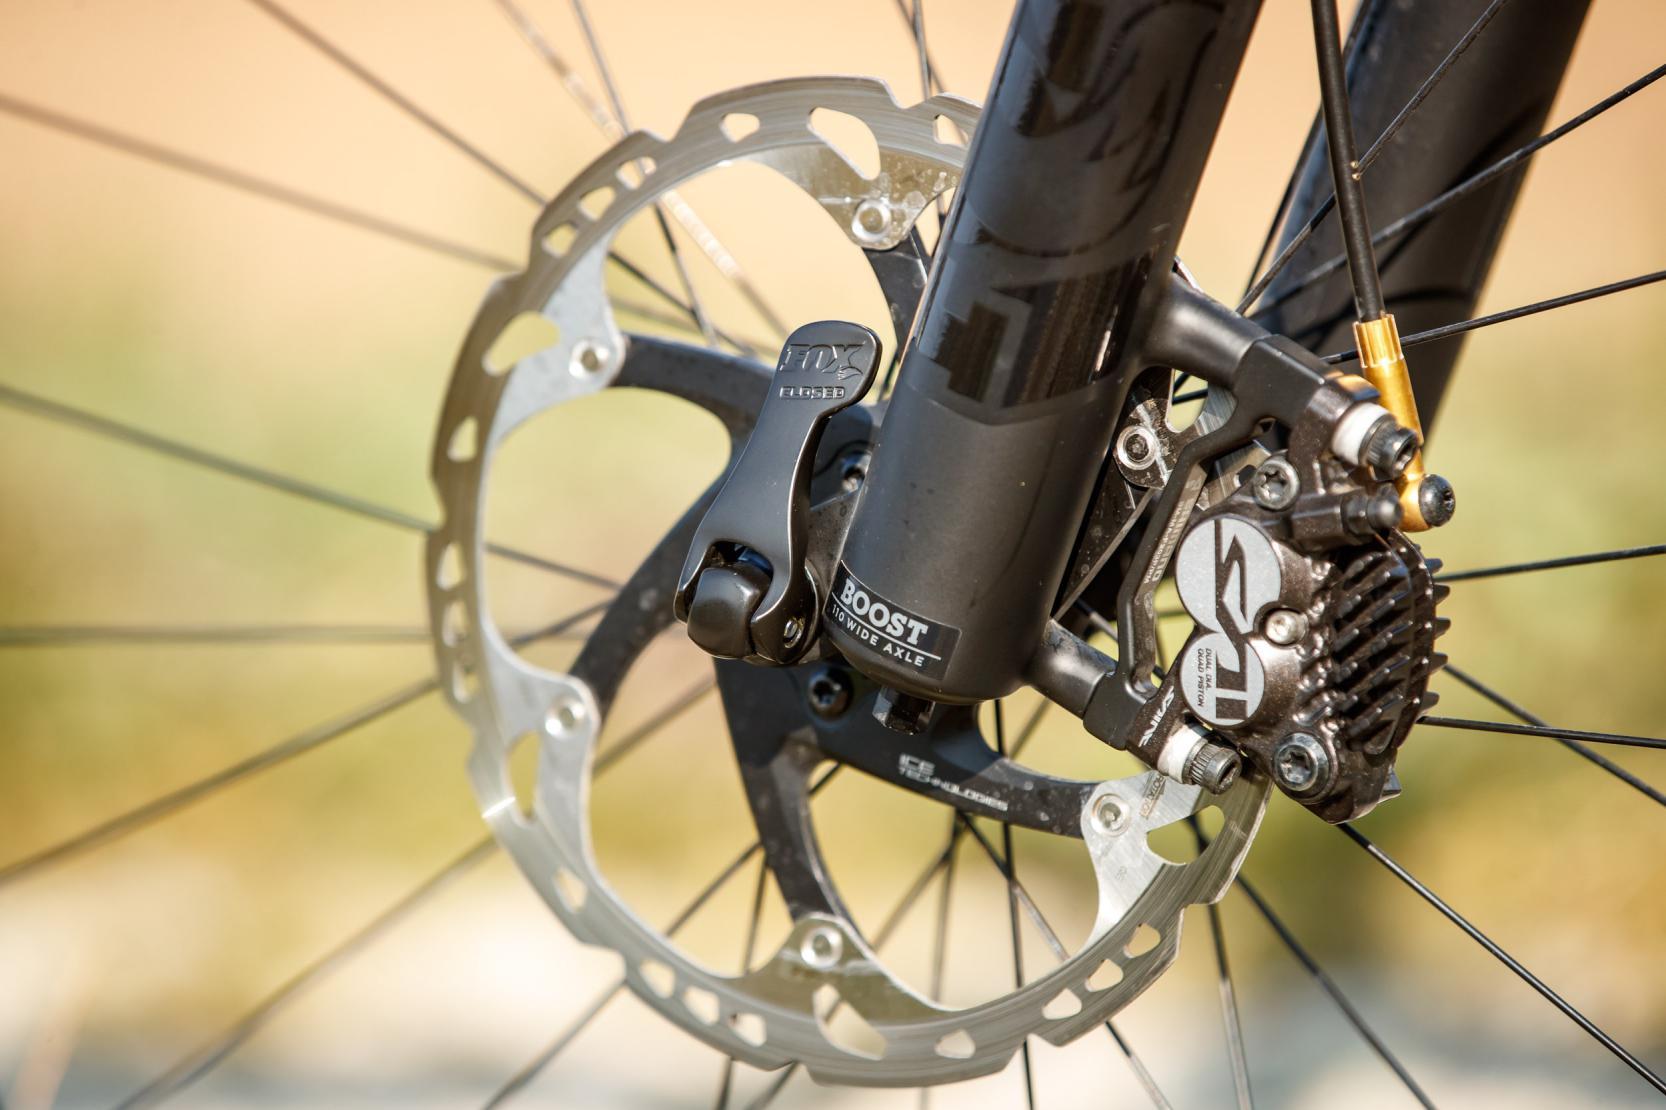 #20 Shimano Saint: Sehr leistungsstarke Bremse mit 4-Keramikkolben-Bremssattel und 203 mm Ice-Tech-Discs